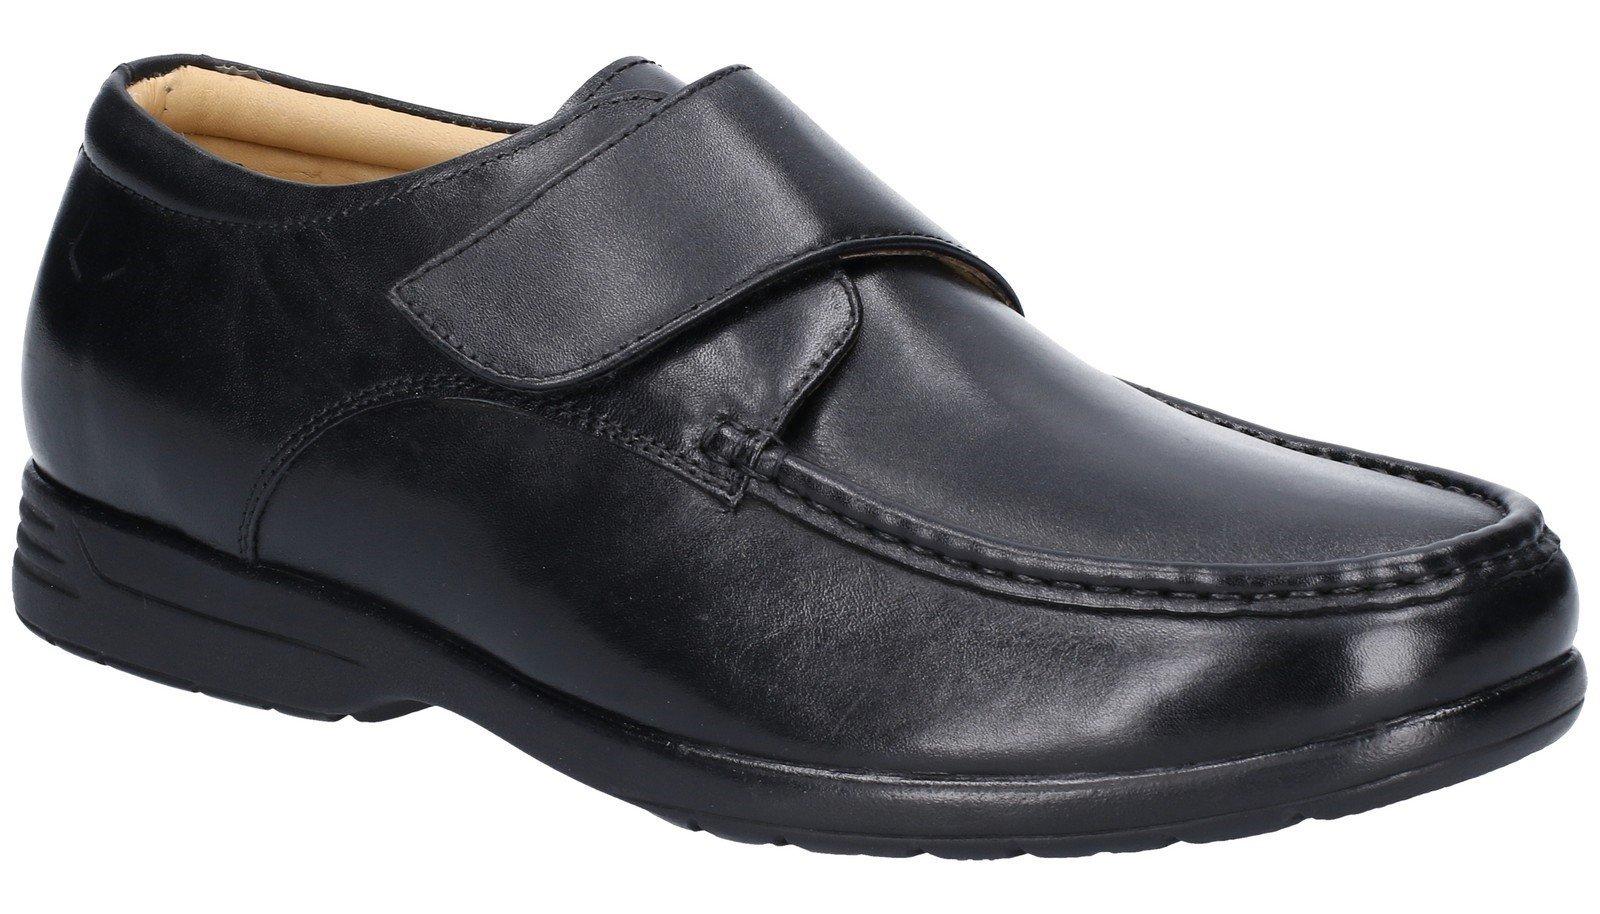 Fleet & Foster Men's Fred Dual Fit Shoe Black 29008-49026 - Black 13